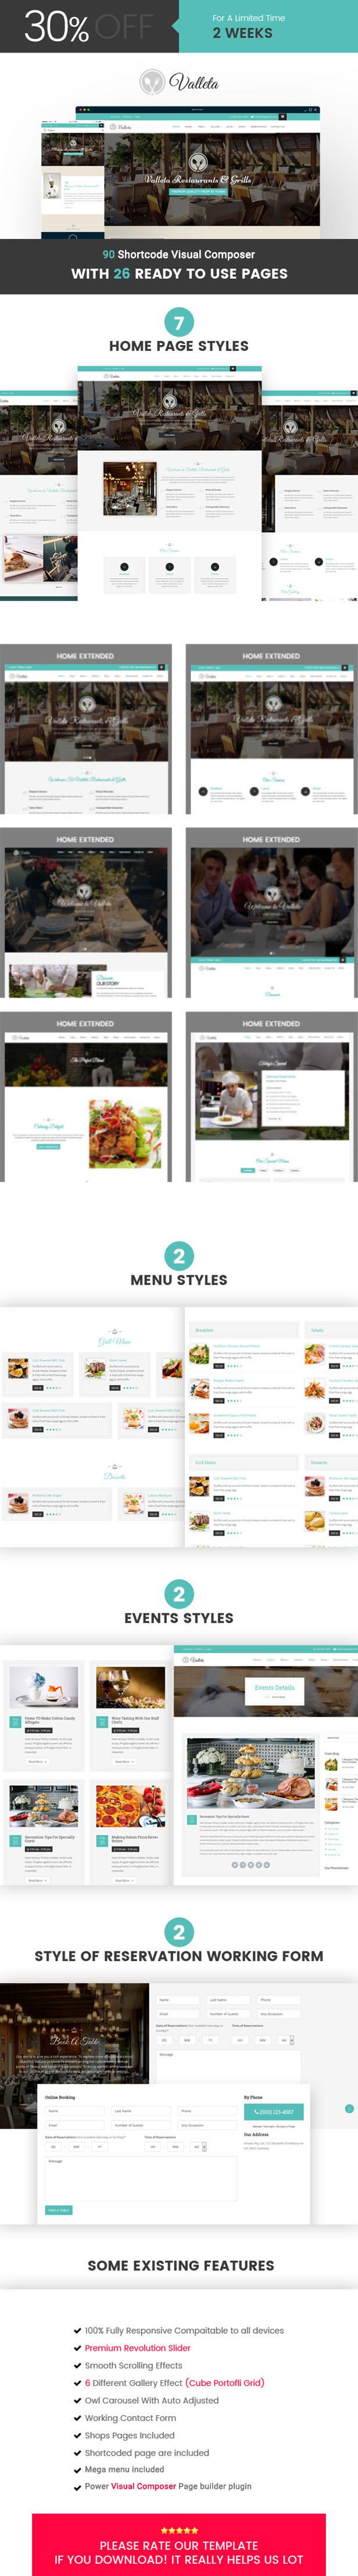 Valleta Presentation valleta - food & restaurants wordpress theme (restaurants & cafes) Valleta – Food & Restaurants WordPress Theme (Restaurants & Cafes) valleta decs2